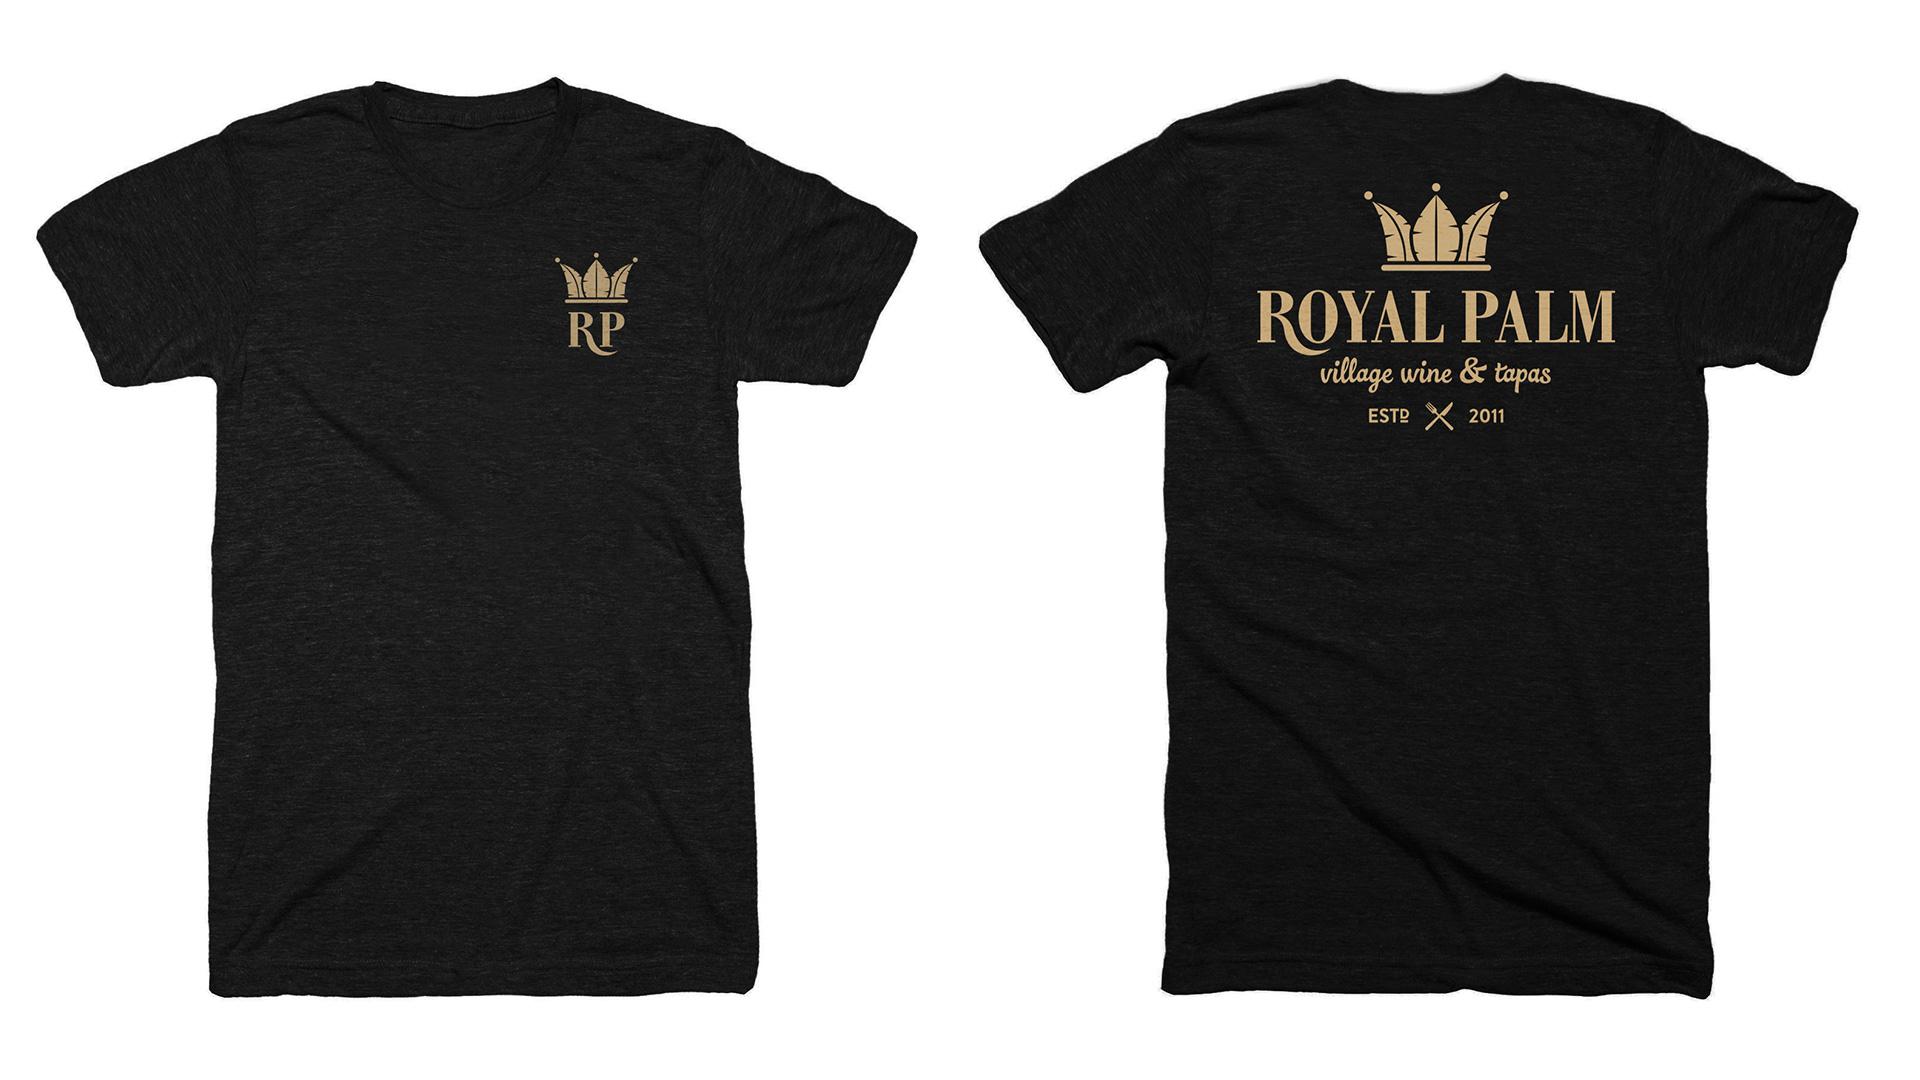 royalpalm_1920x1080-shirt.jpg